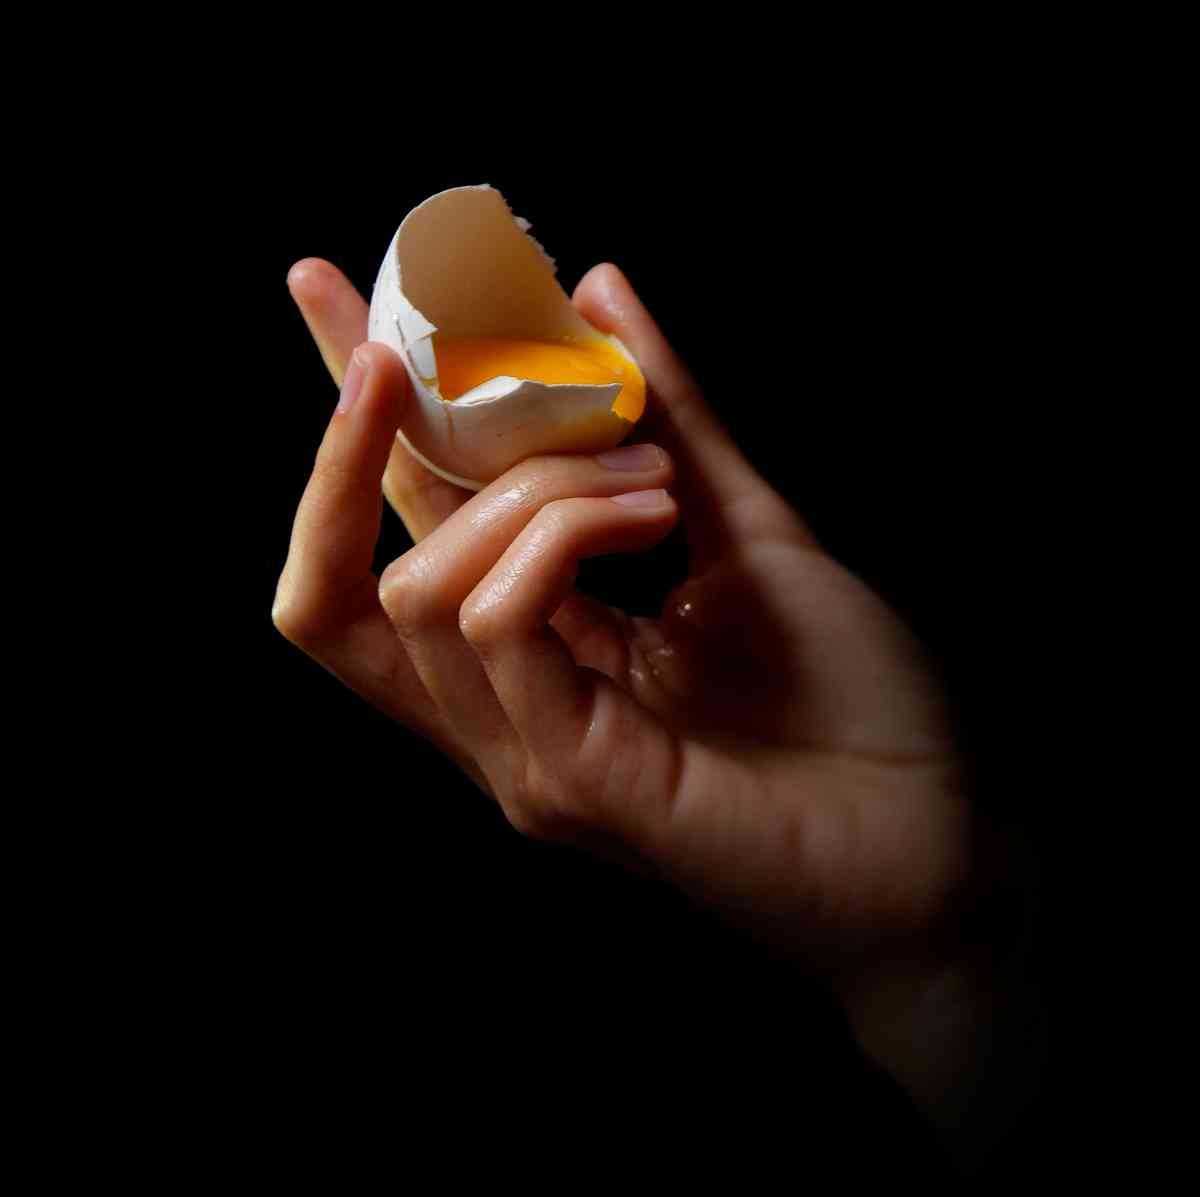 Sognare uova significato